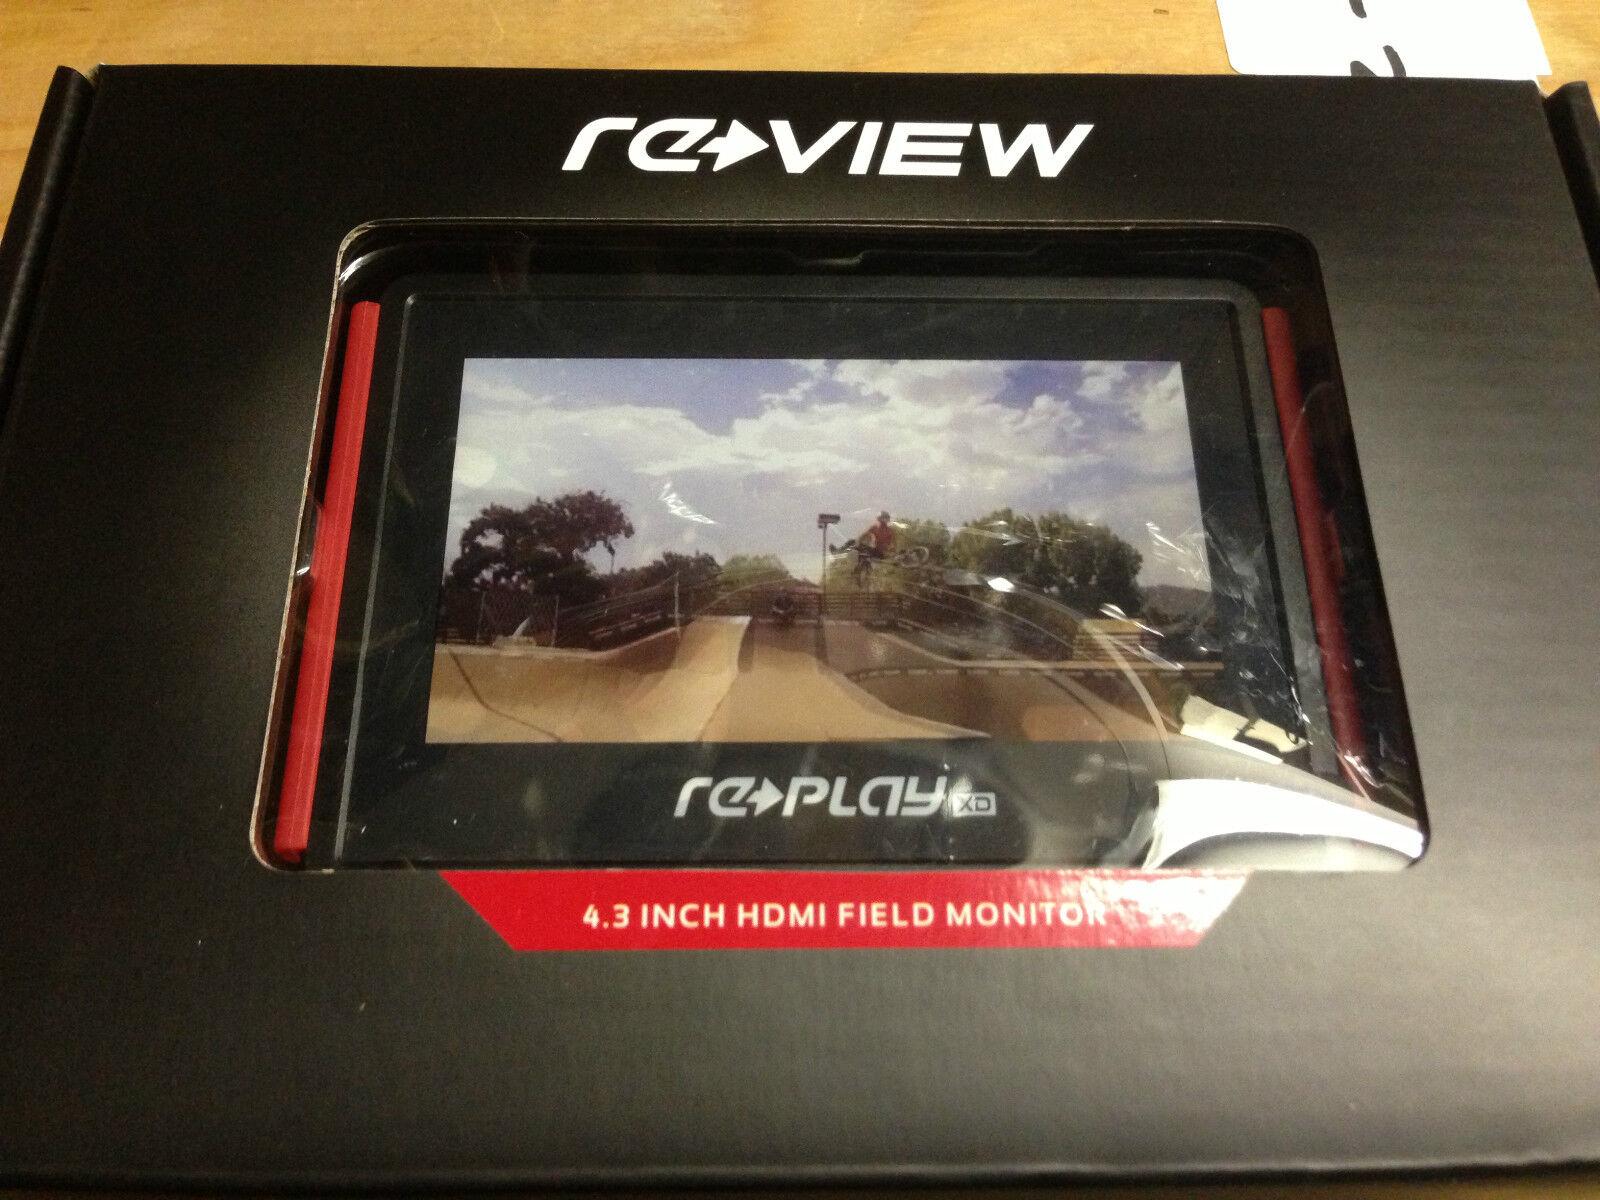 Replay XD Revisa de Monitor HD LCD TFT de Revisa entrada HDMI construido en batería 10-RPXD-LCD-4.3 7ff7cf